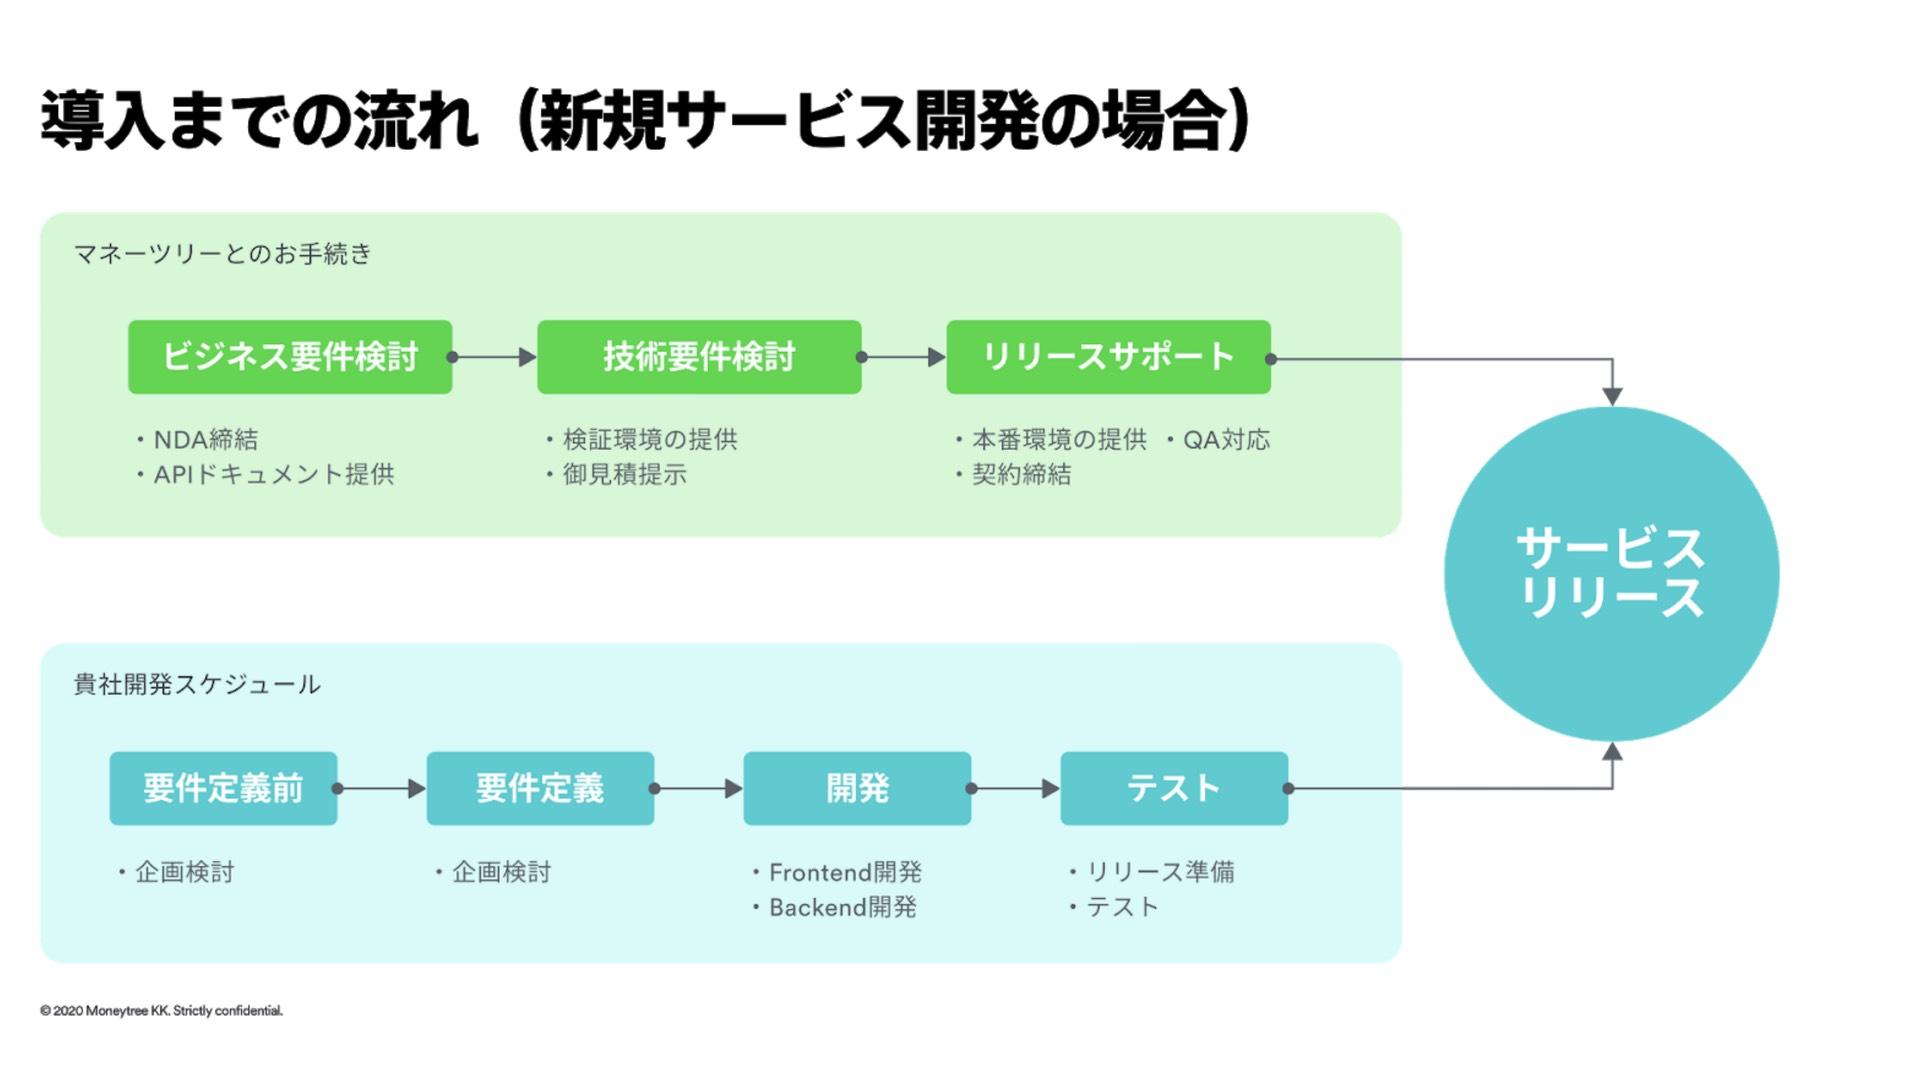 新規サービス開発の場合のMoneytree LINKの導入での流れフロー